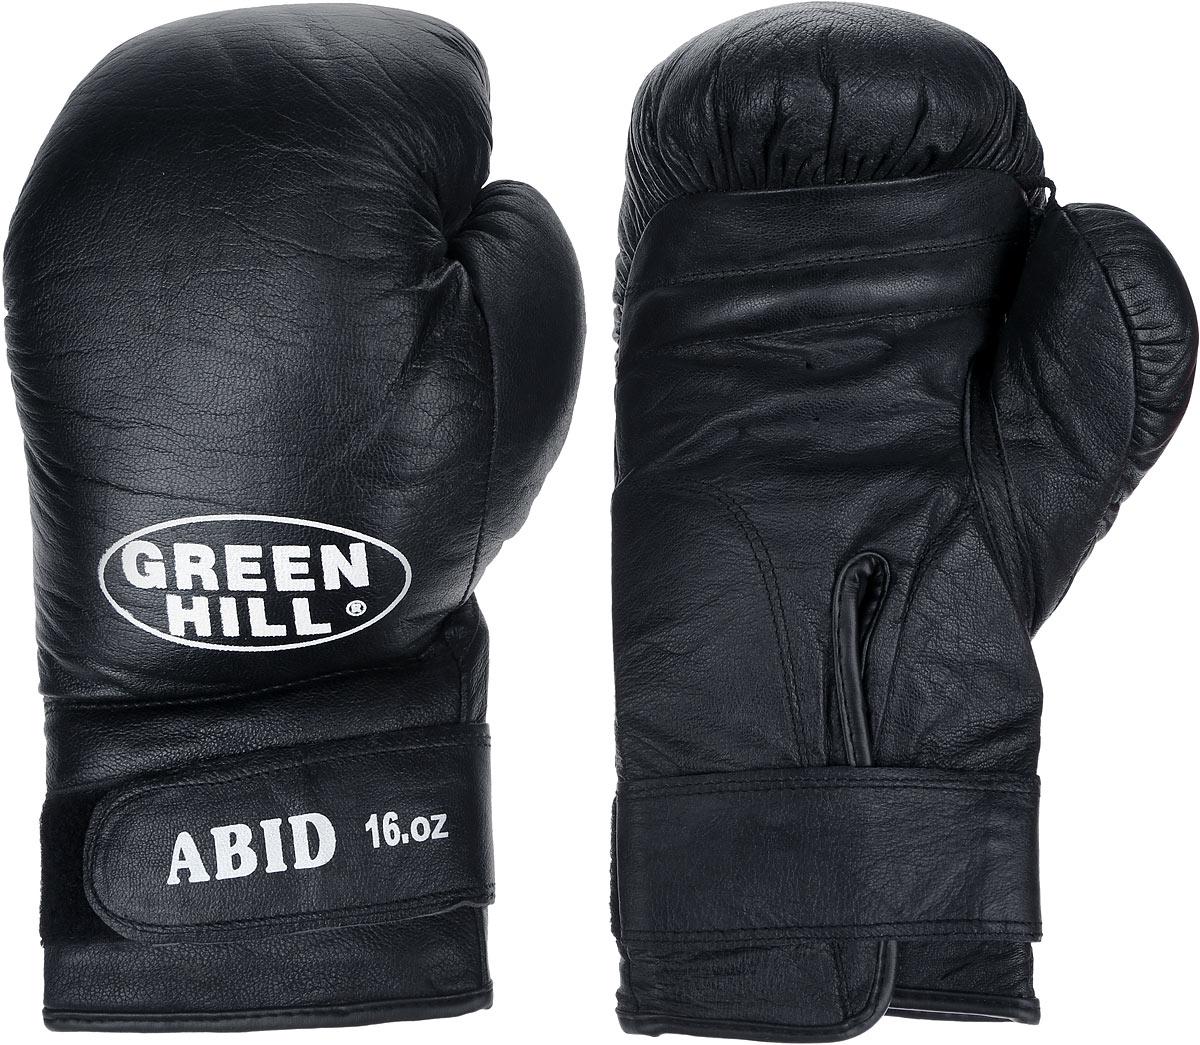 Перчатки боксерские Green Hill Abid, цвет: черный, белый. Вес 16 унцийBGA-2024Боксерские тренировочные перчатки Green Hill Abid выполнены из натуральной кожи. Они отлично подойдут для начинающих спортсменов. Мягкий наполнитель из очеса предотвращает любые травмы. Отверстия в районе ладони обеспечивают вентиляцию. Широкий ремень, охватывая запястье, полностью оборачивается вокруг манжеты, благодаря чему создается дополнительная защита лучезапястного сустава от травмирования. Застежка на липучке способствует быстрому и удобному одеванию перчаток, плотно фиксирует перчатки на руке.